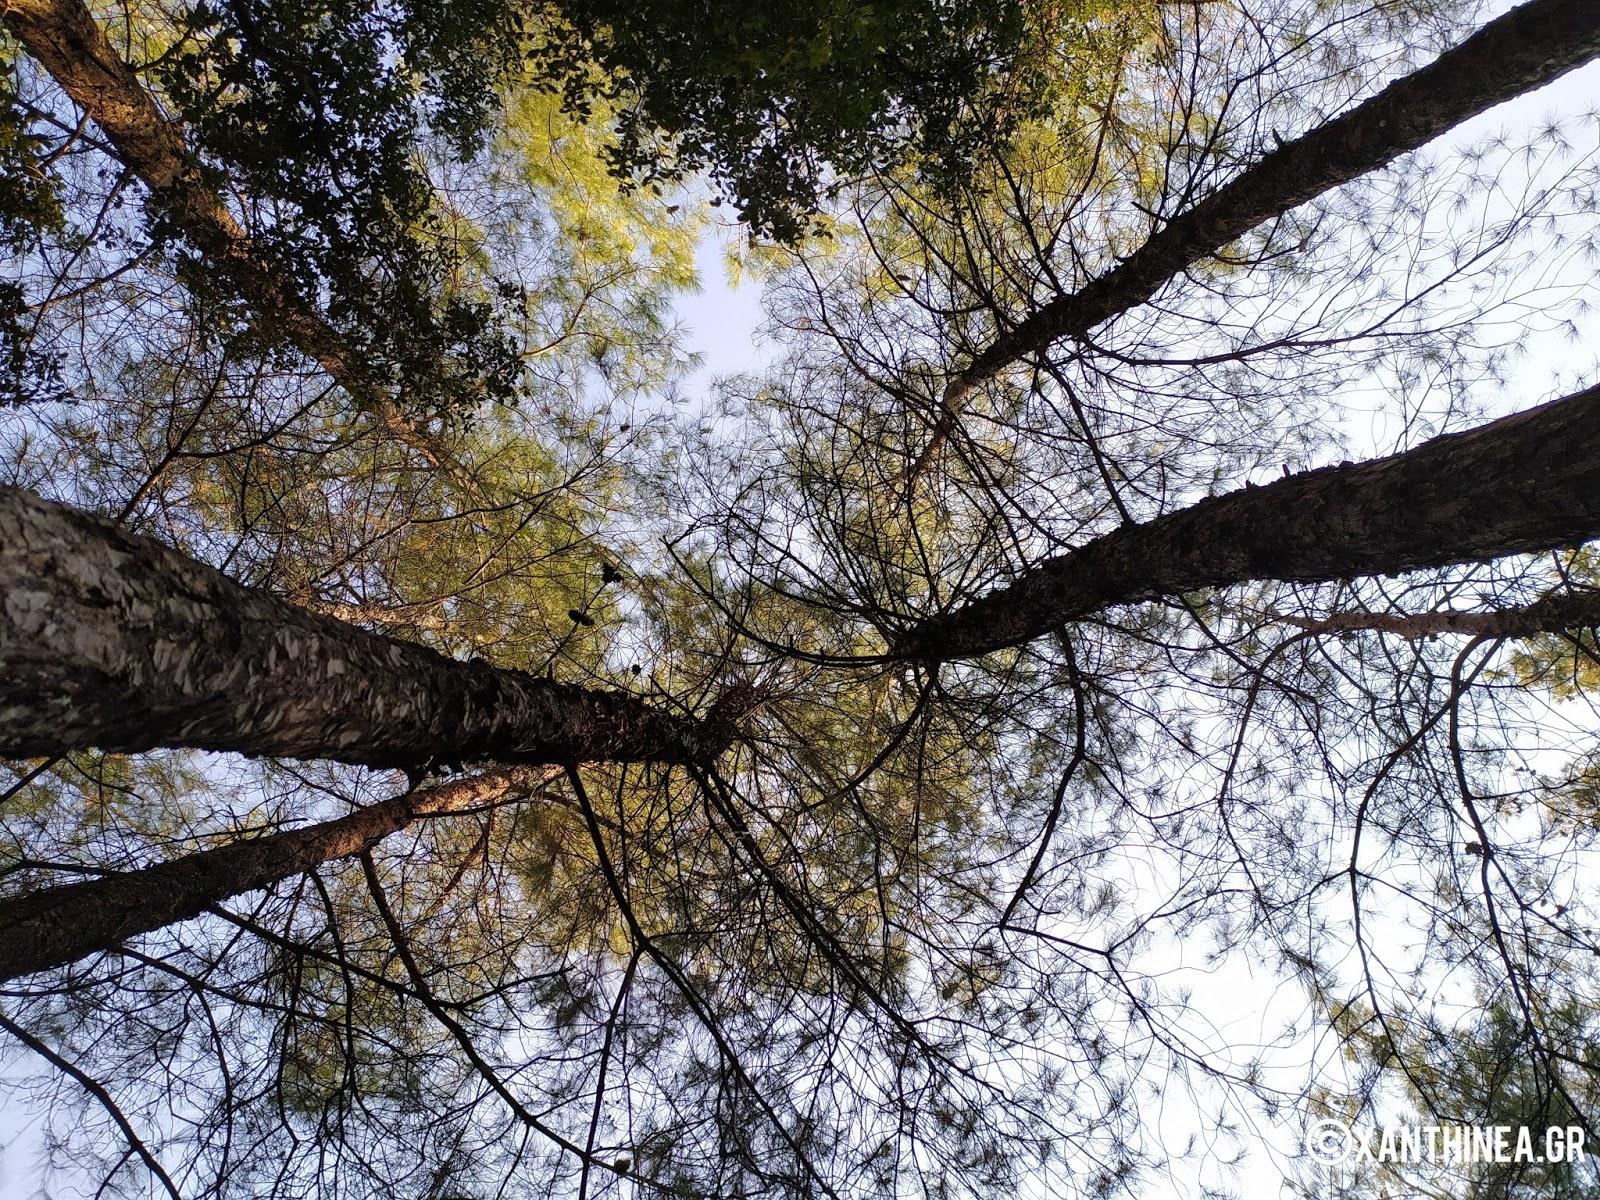 Το μονοπάτι της ζωής: Μια ανάσα πρασίνου στην Ξάνθη - ΦΩΤΟ